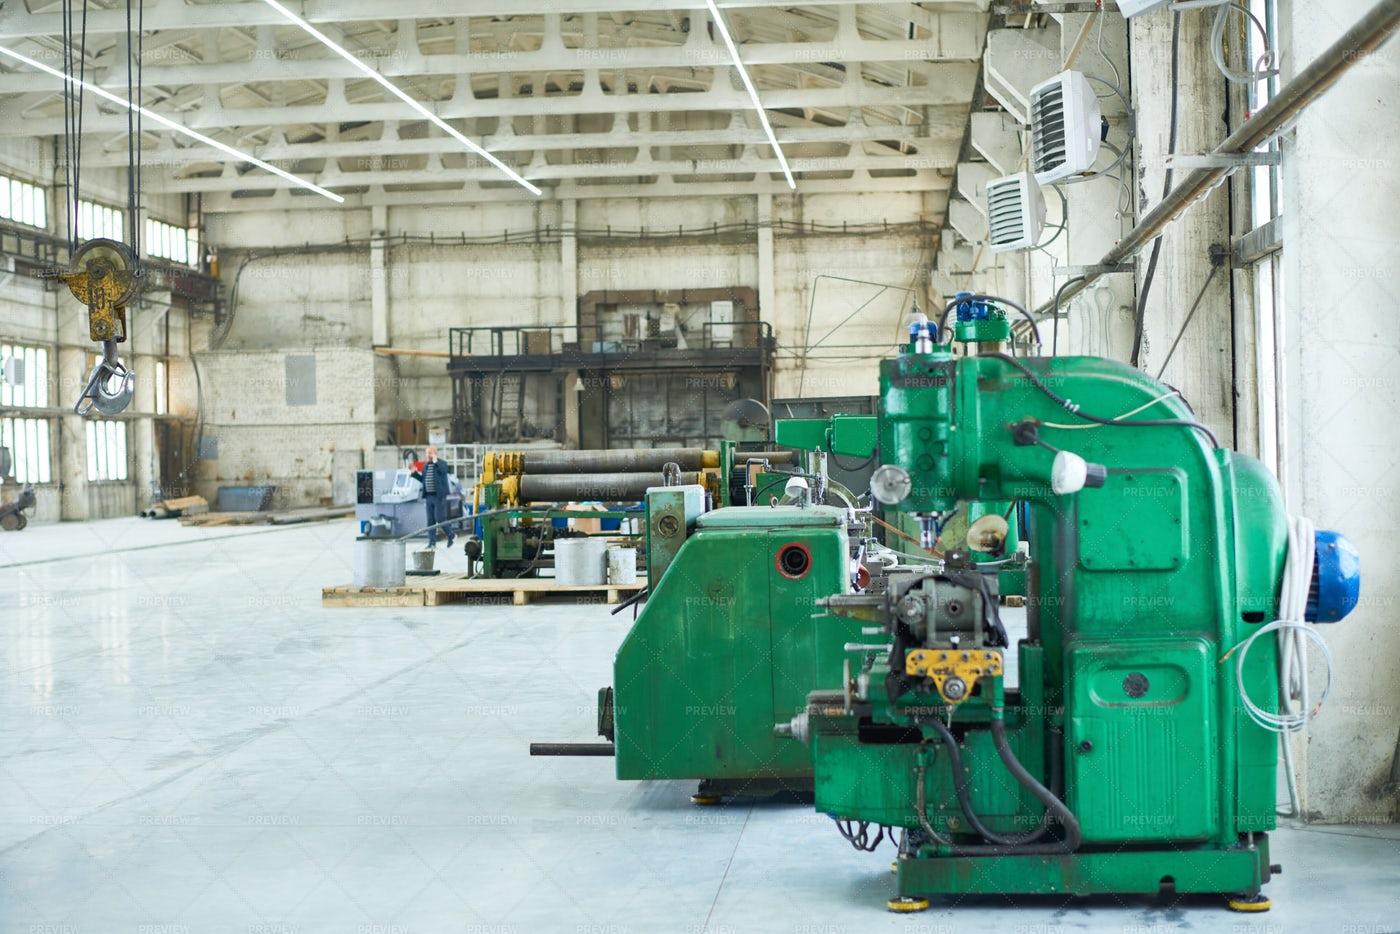 Spacious Factory Workshop: Stock Photos